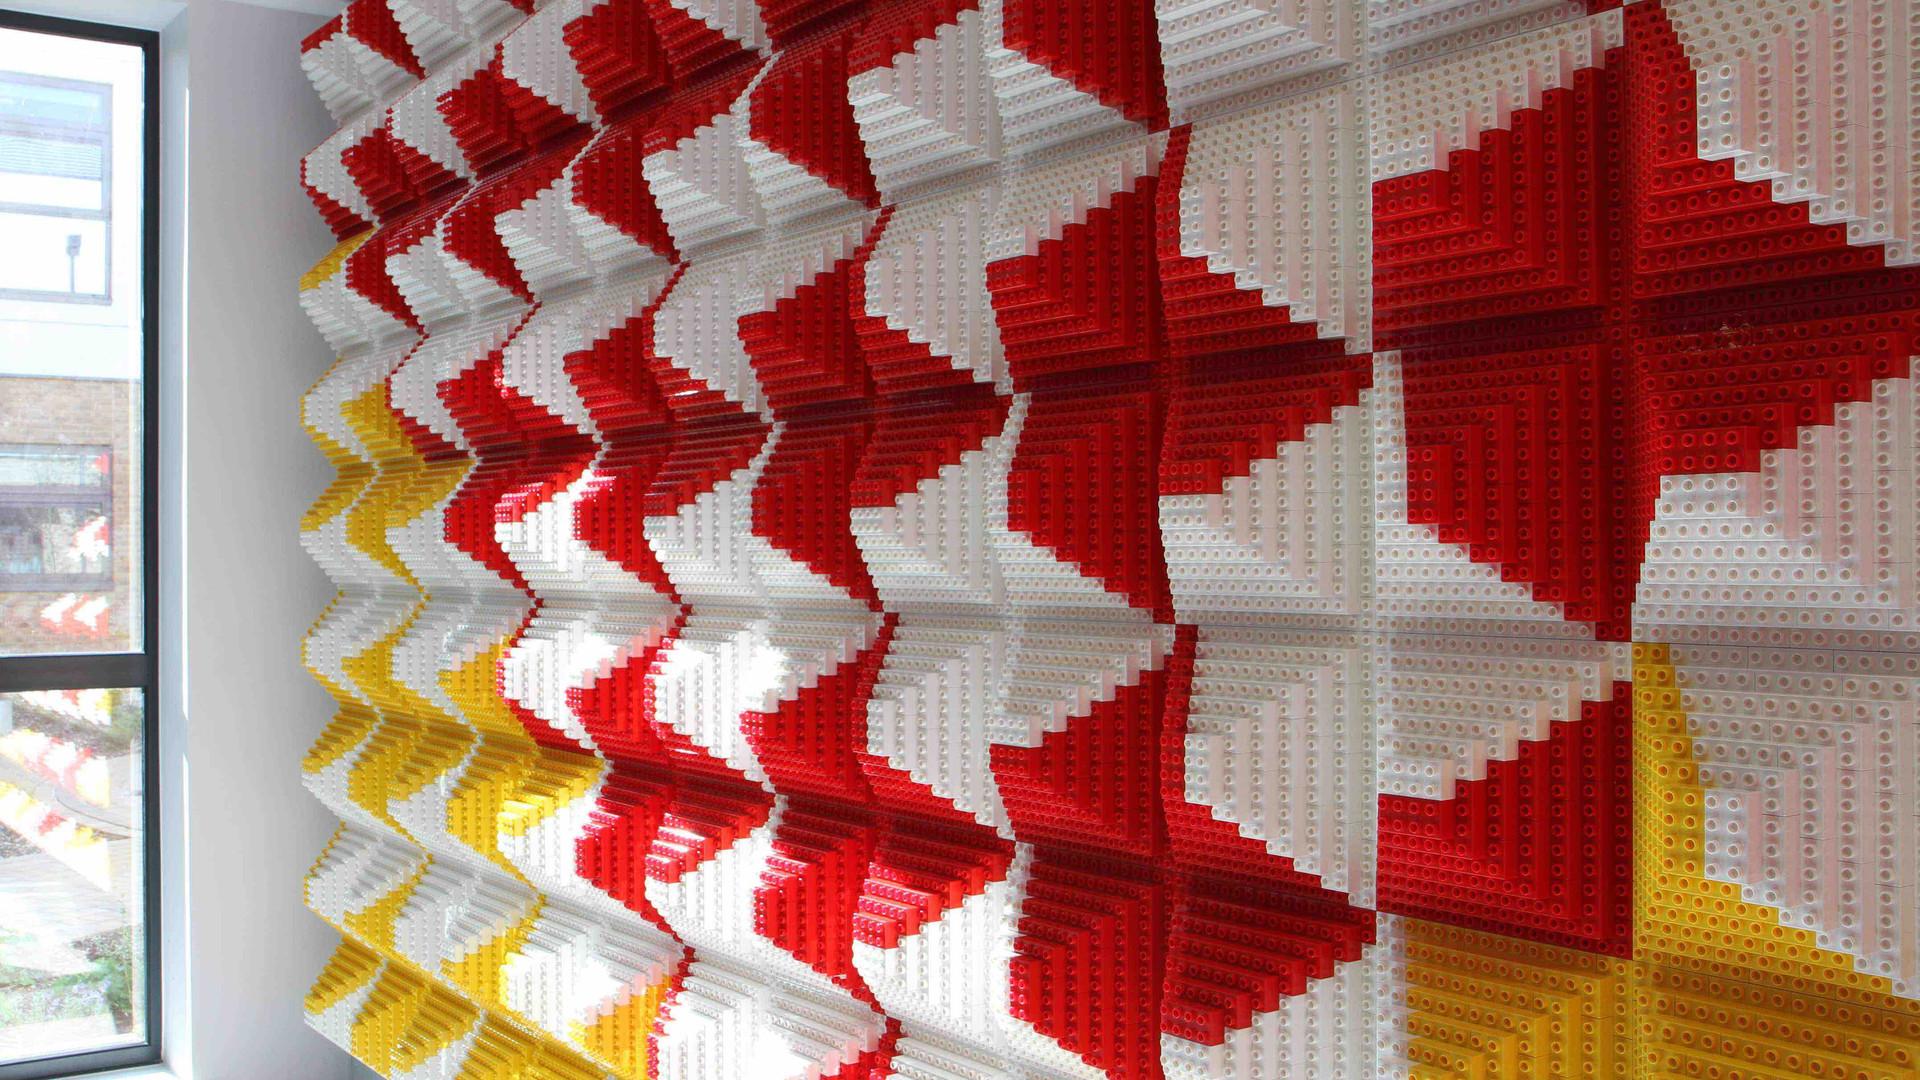 No. 433 Lego, 2013